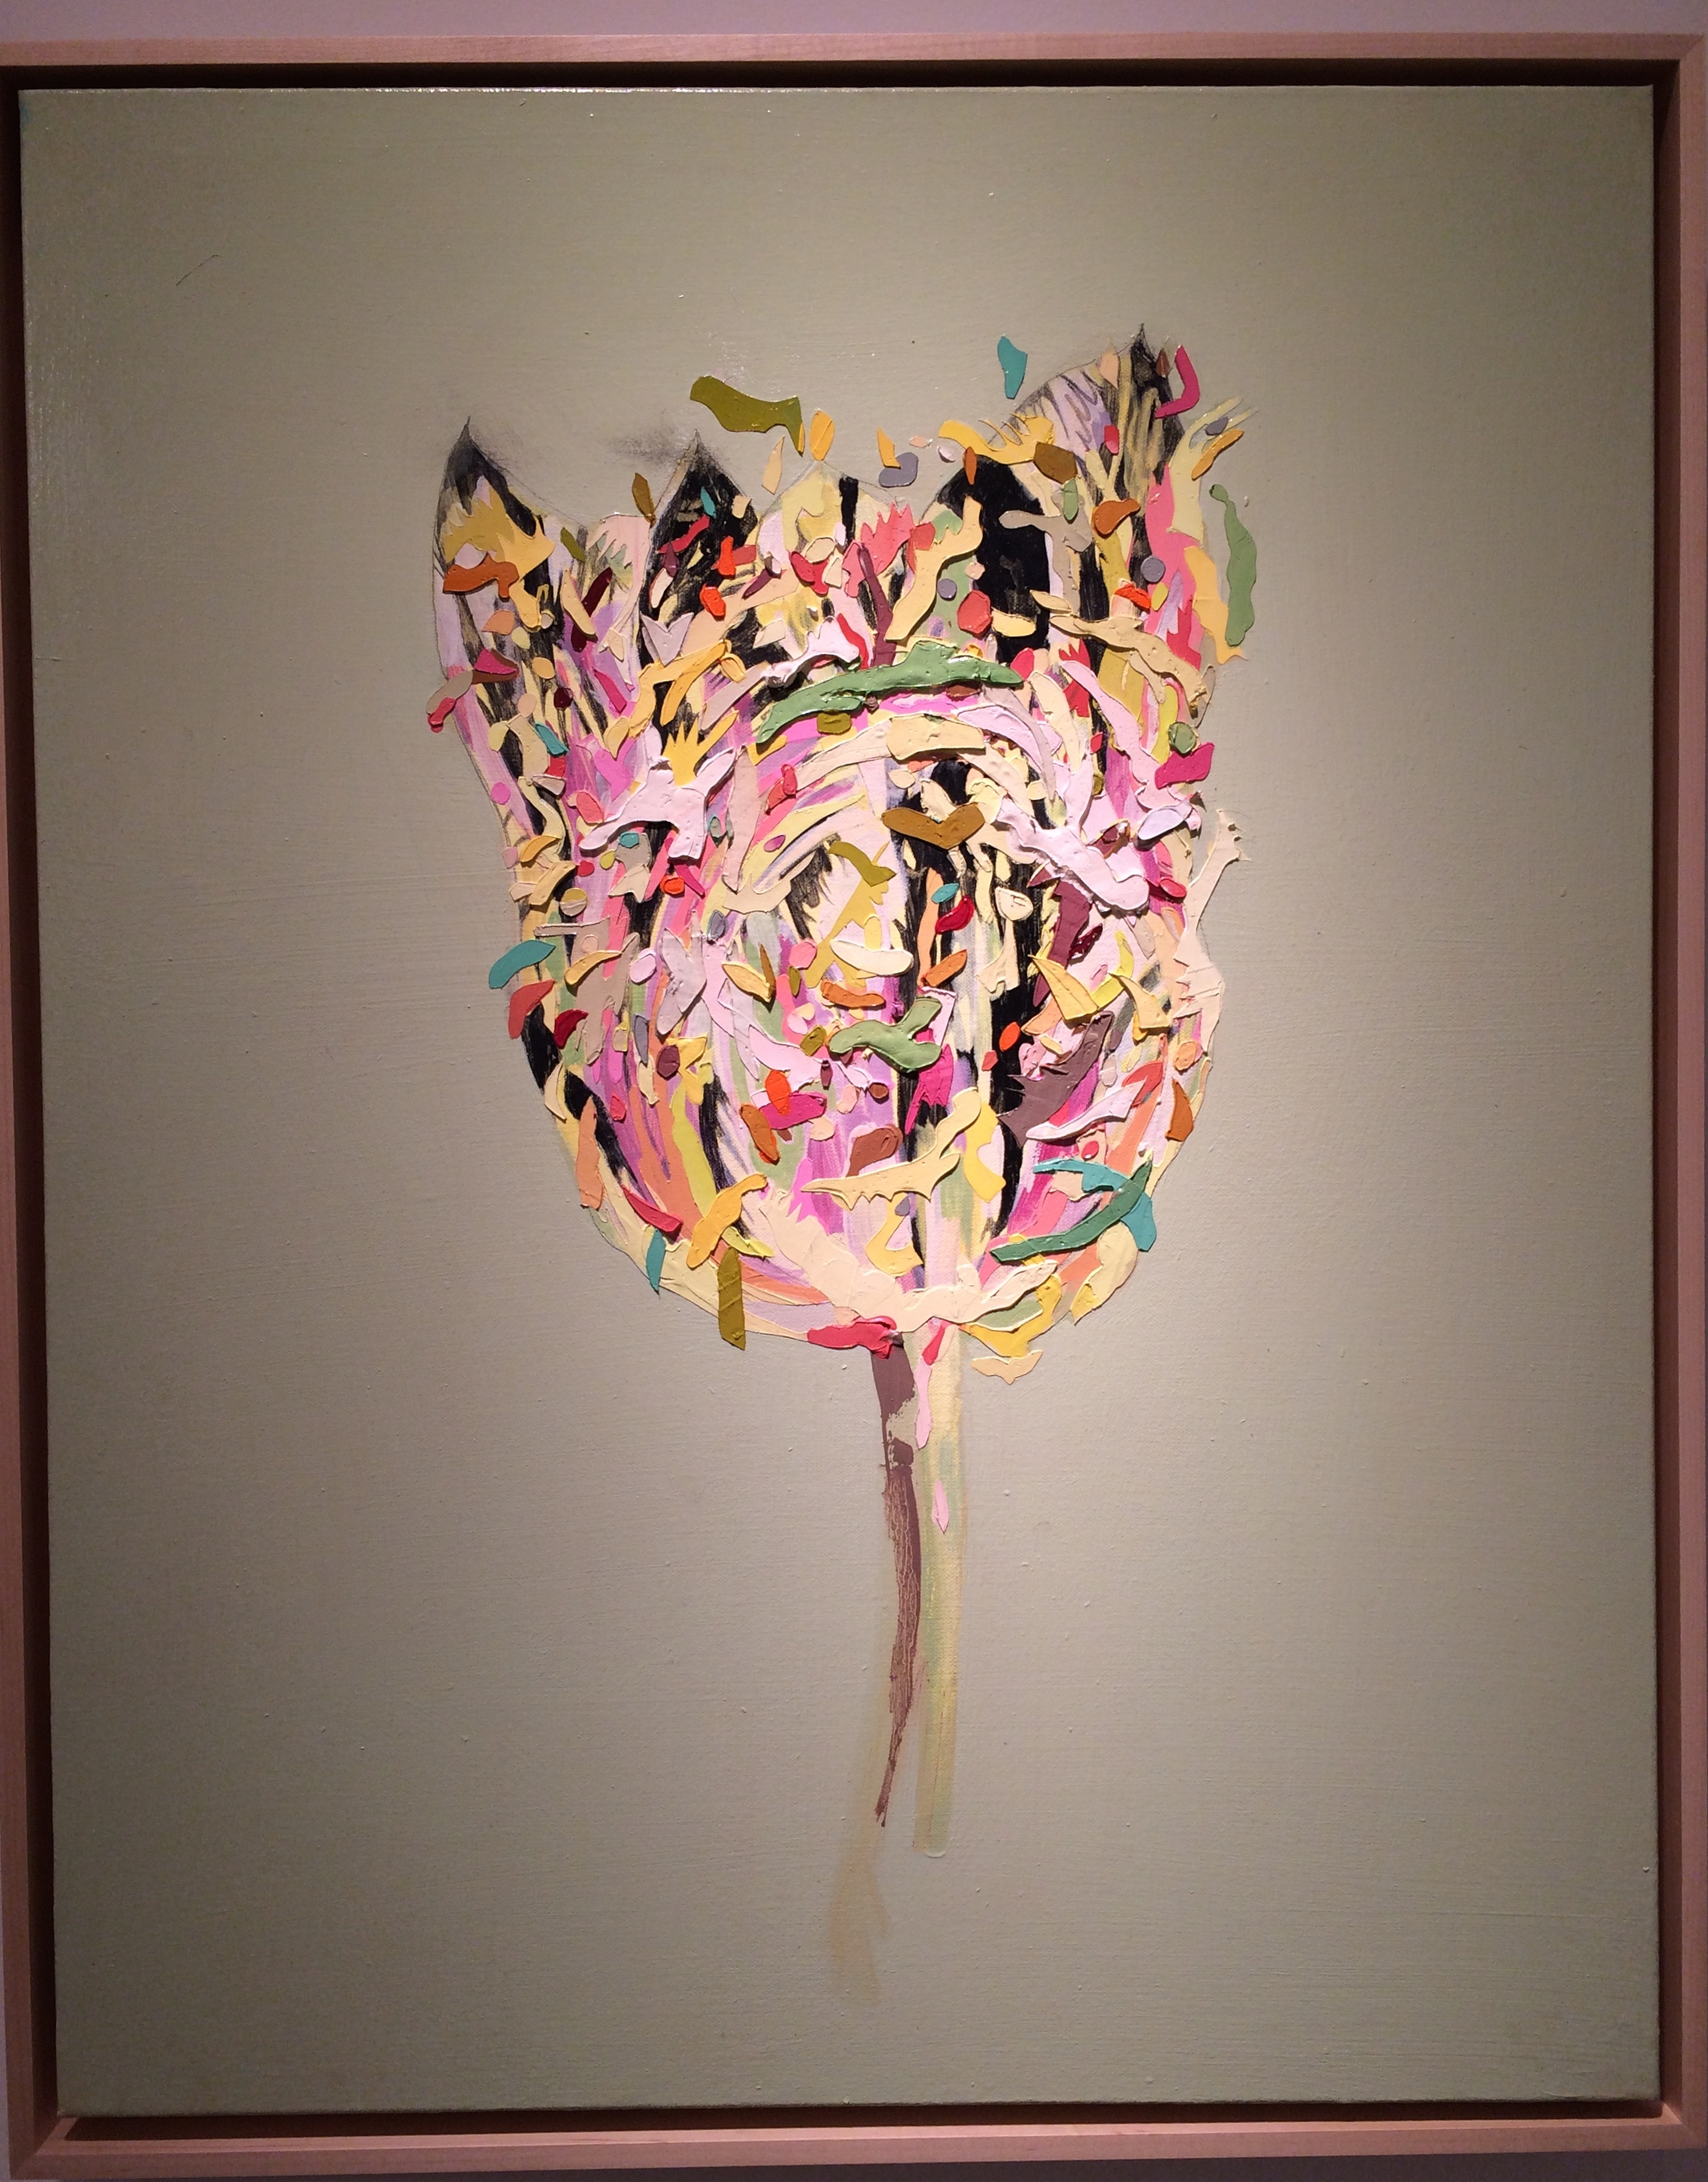 Wardell Milan at David Nolan Gallery